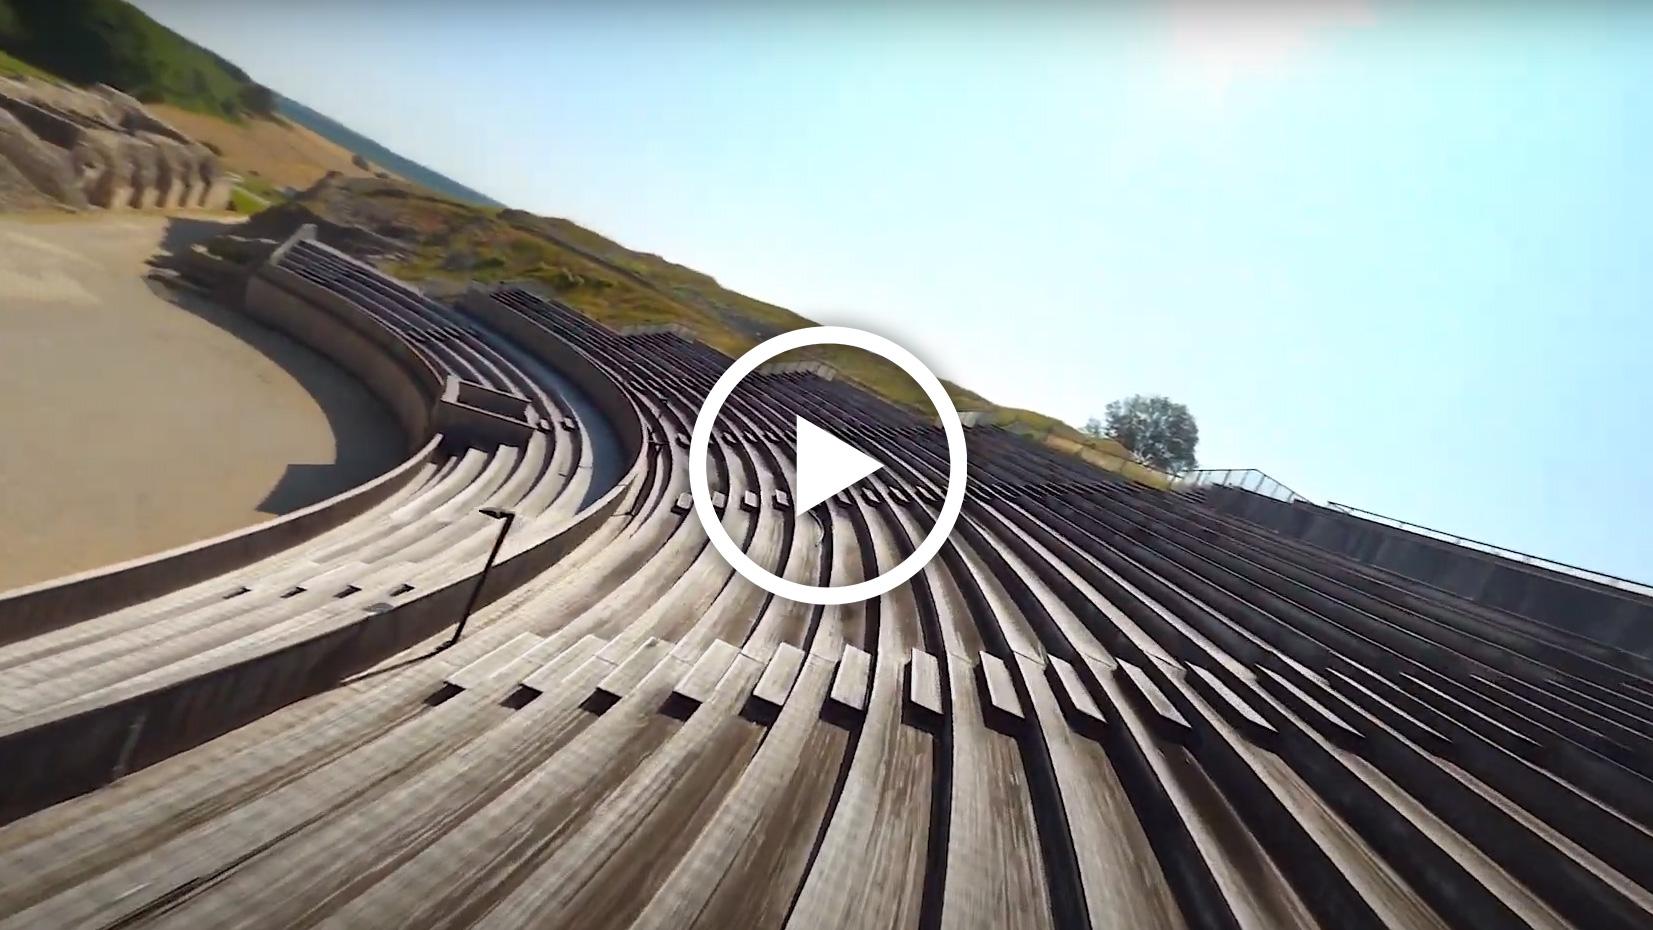 Vidéo - Vol au dessus des gradins